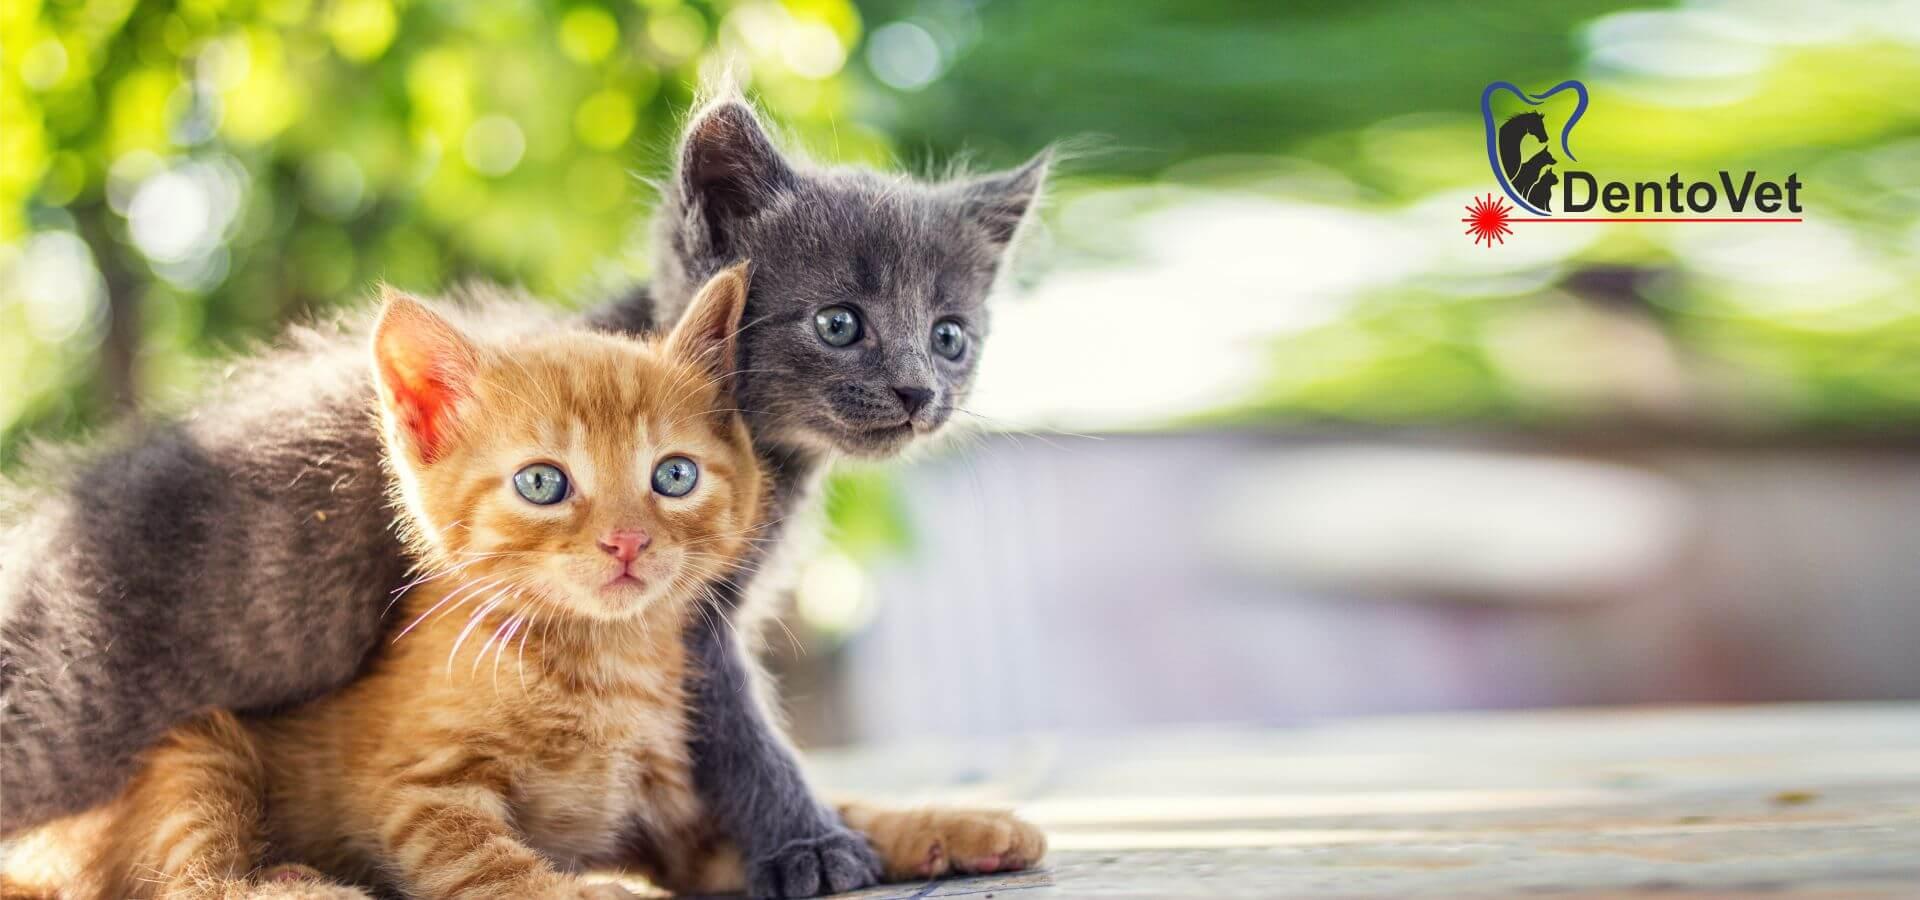 Stomatologie veterinară pentru pisici la Dentovet